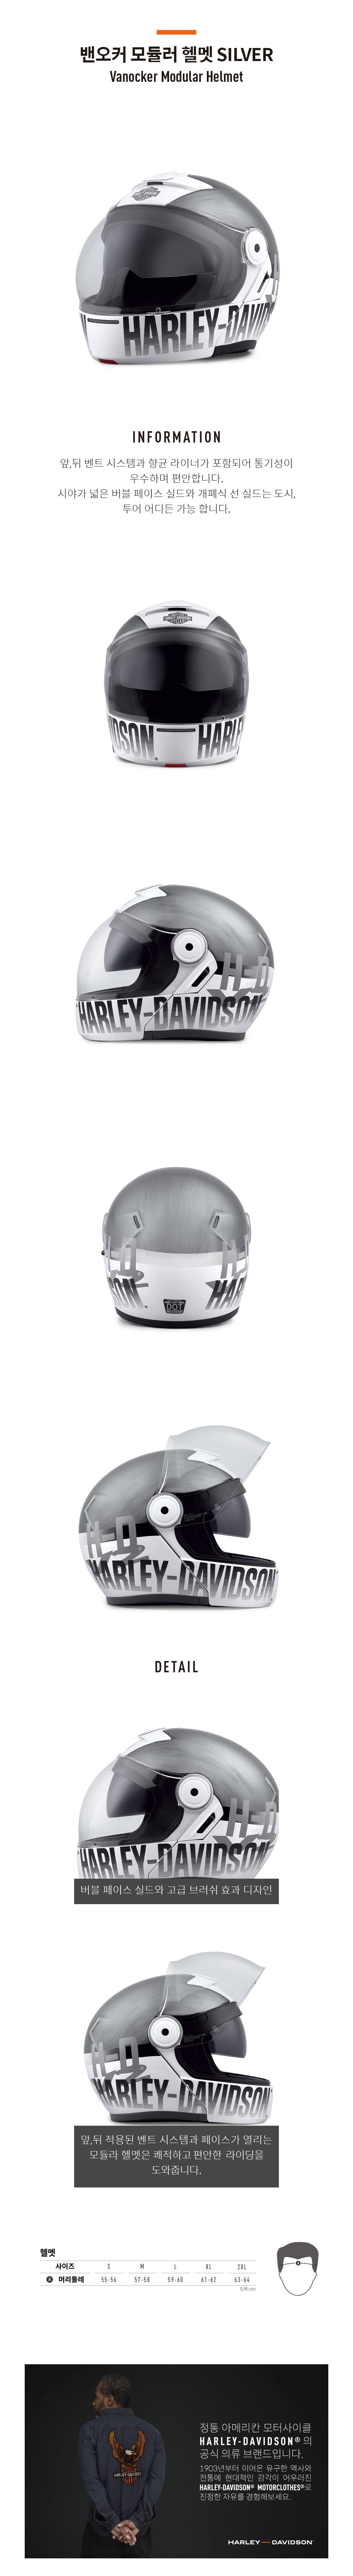 할리데이비슨 밴오커 모듈러 헬멧 SILVER